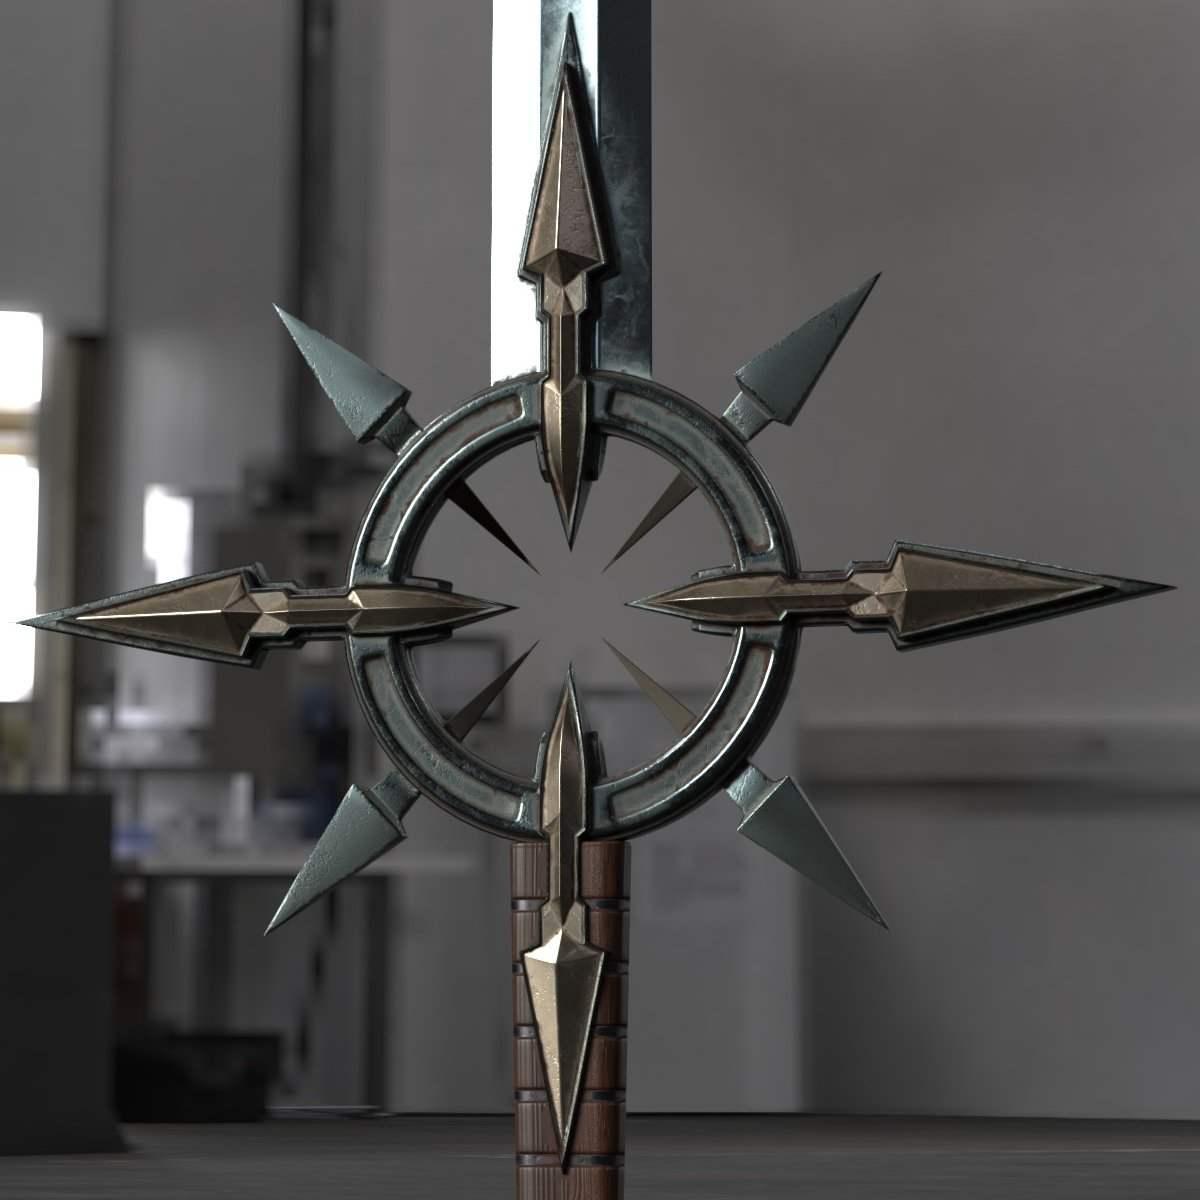 Chaos_Sword_